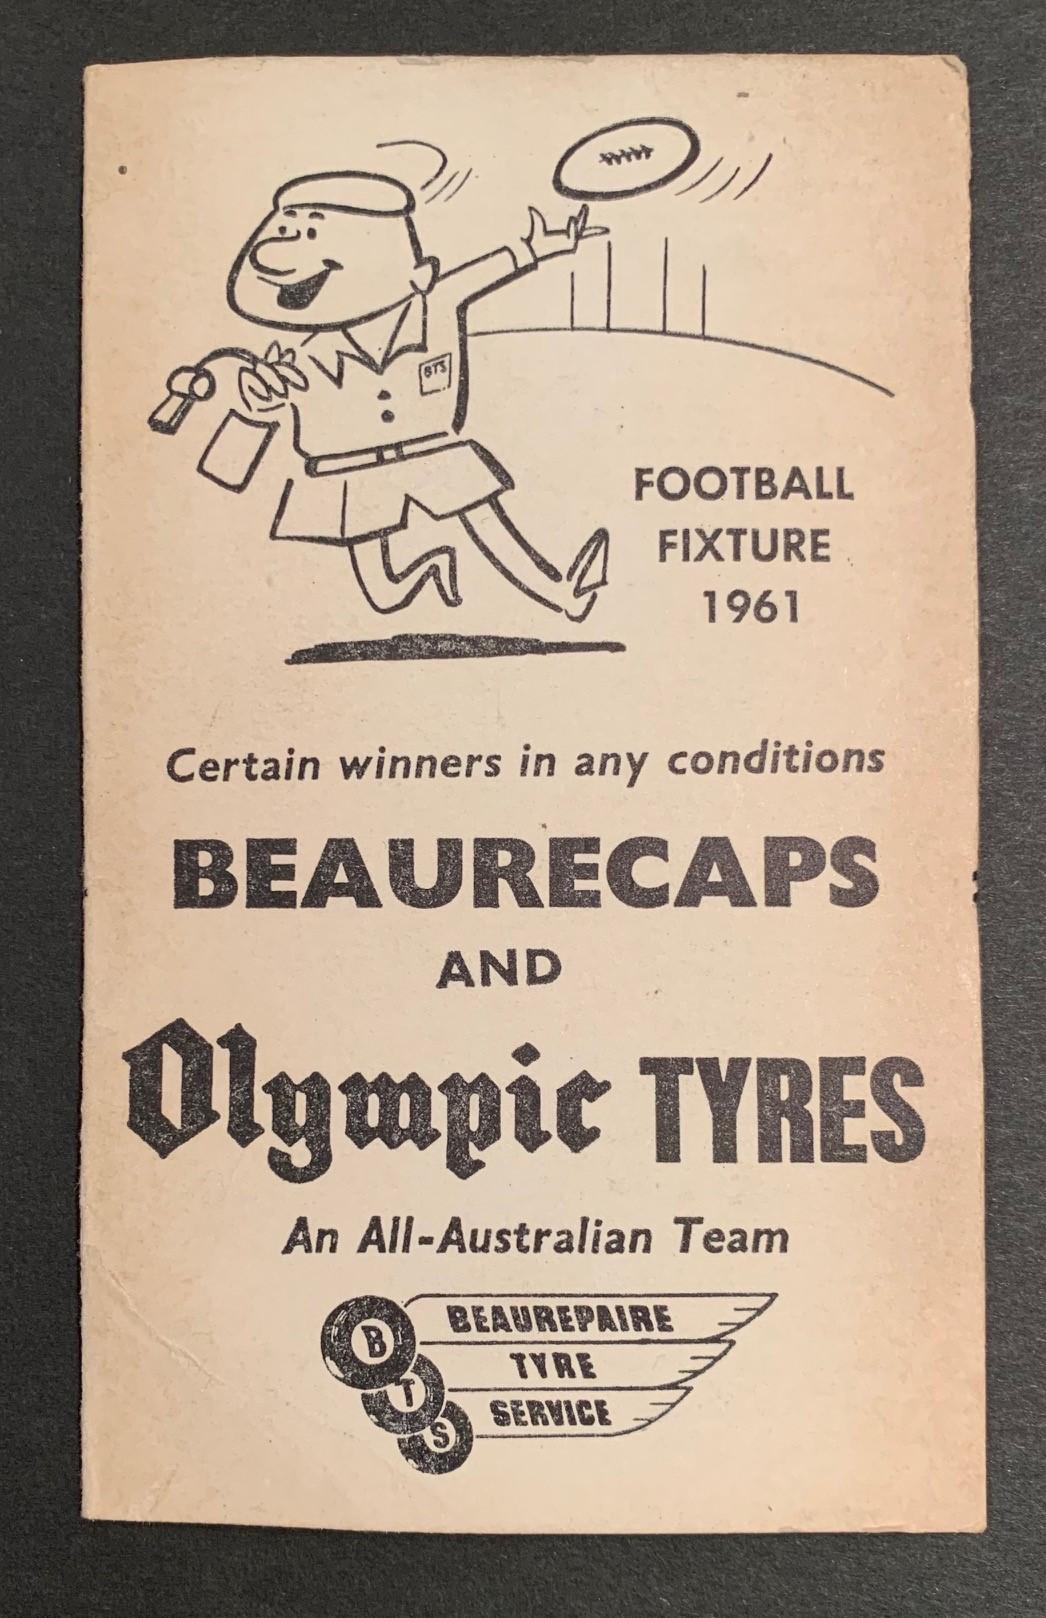 1961 Beaurepaires Football Fixture